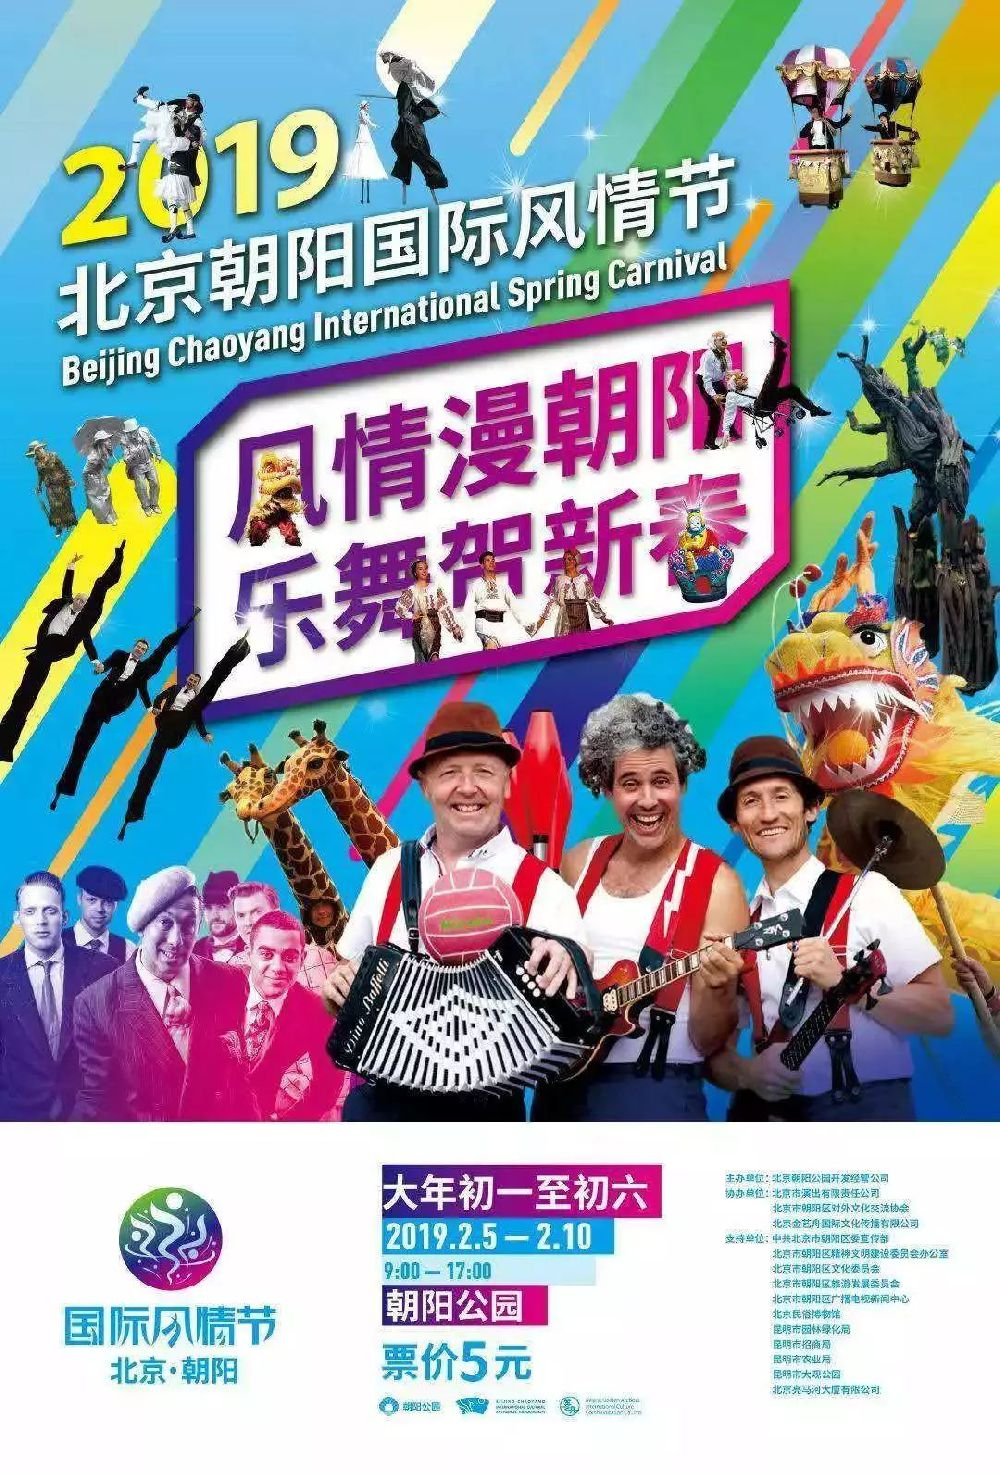 2019春节北京洋庙会:朝阳公园国际风情节